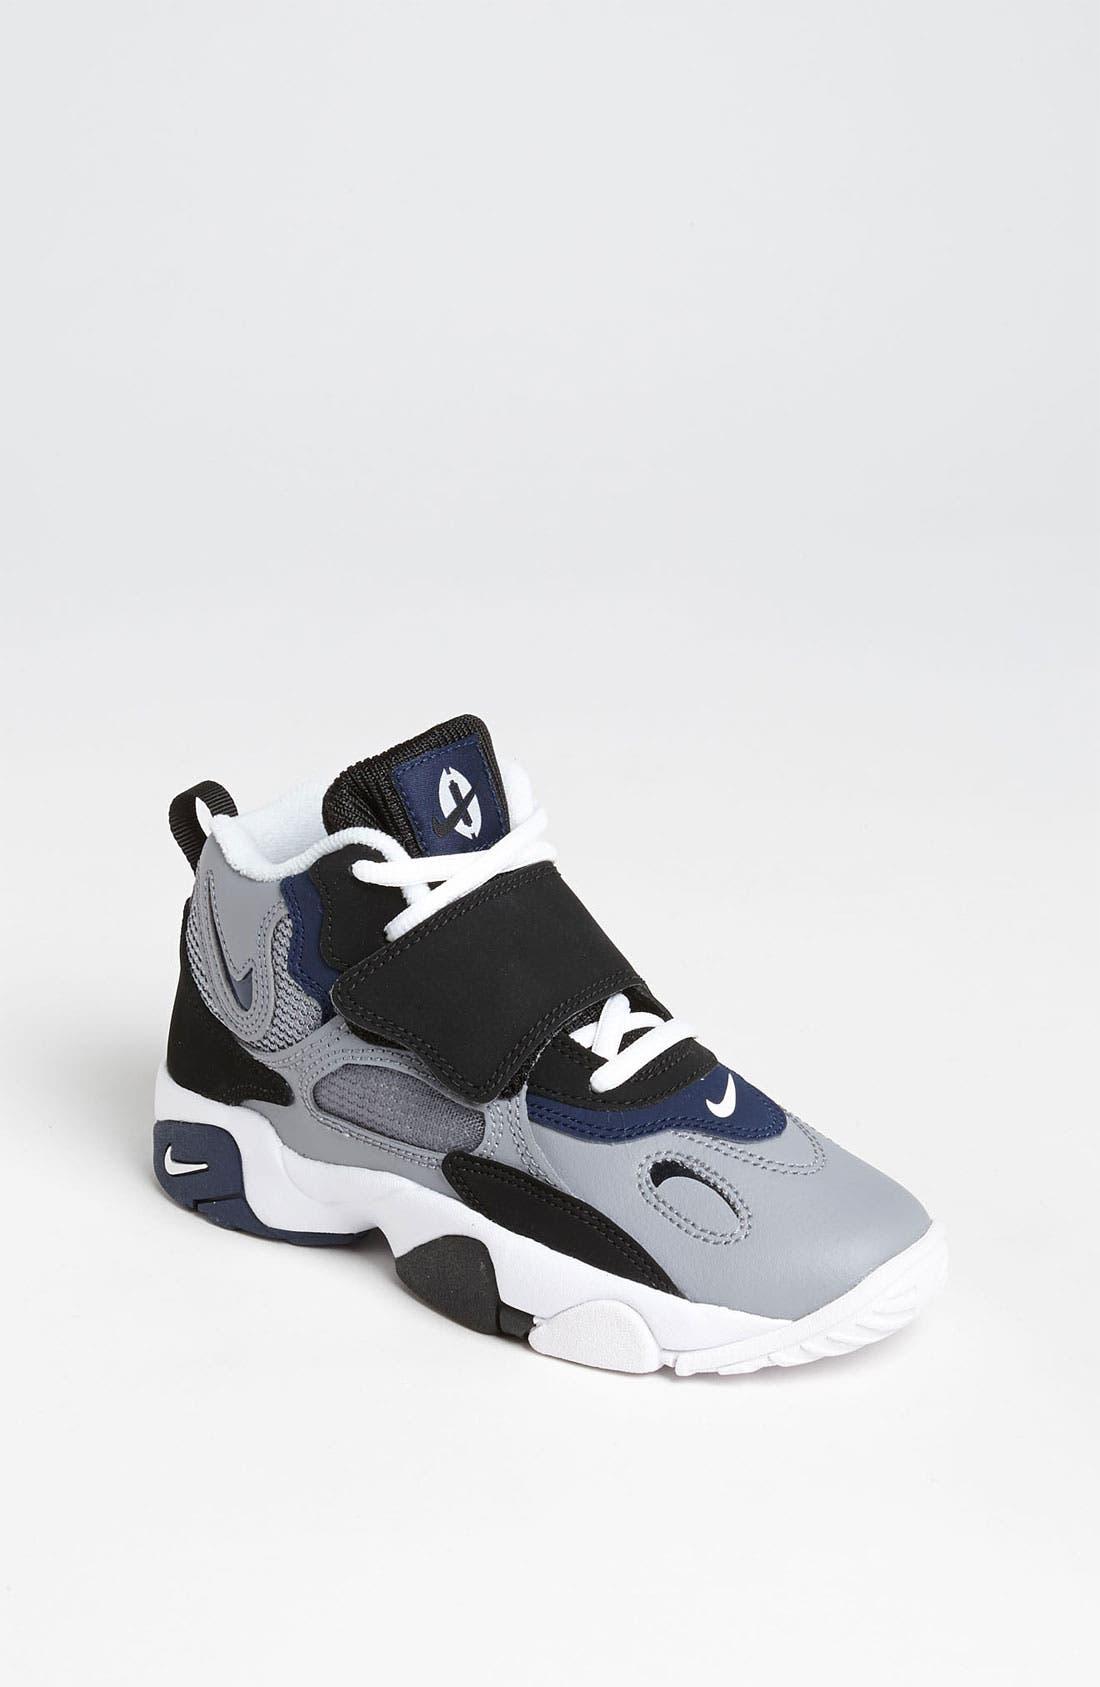 Main Image - Nike 'Speed Turf' Sneaker (Toddler & Little Kid)